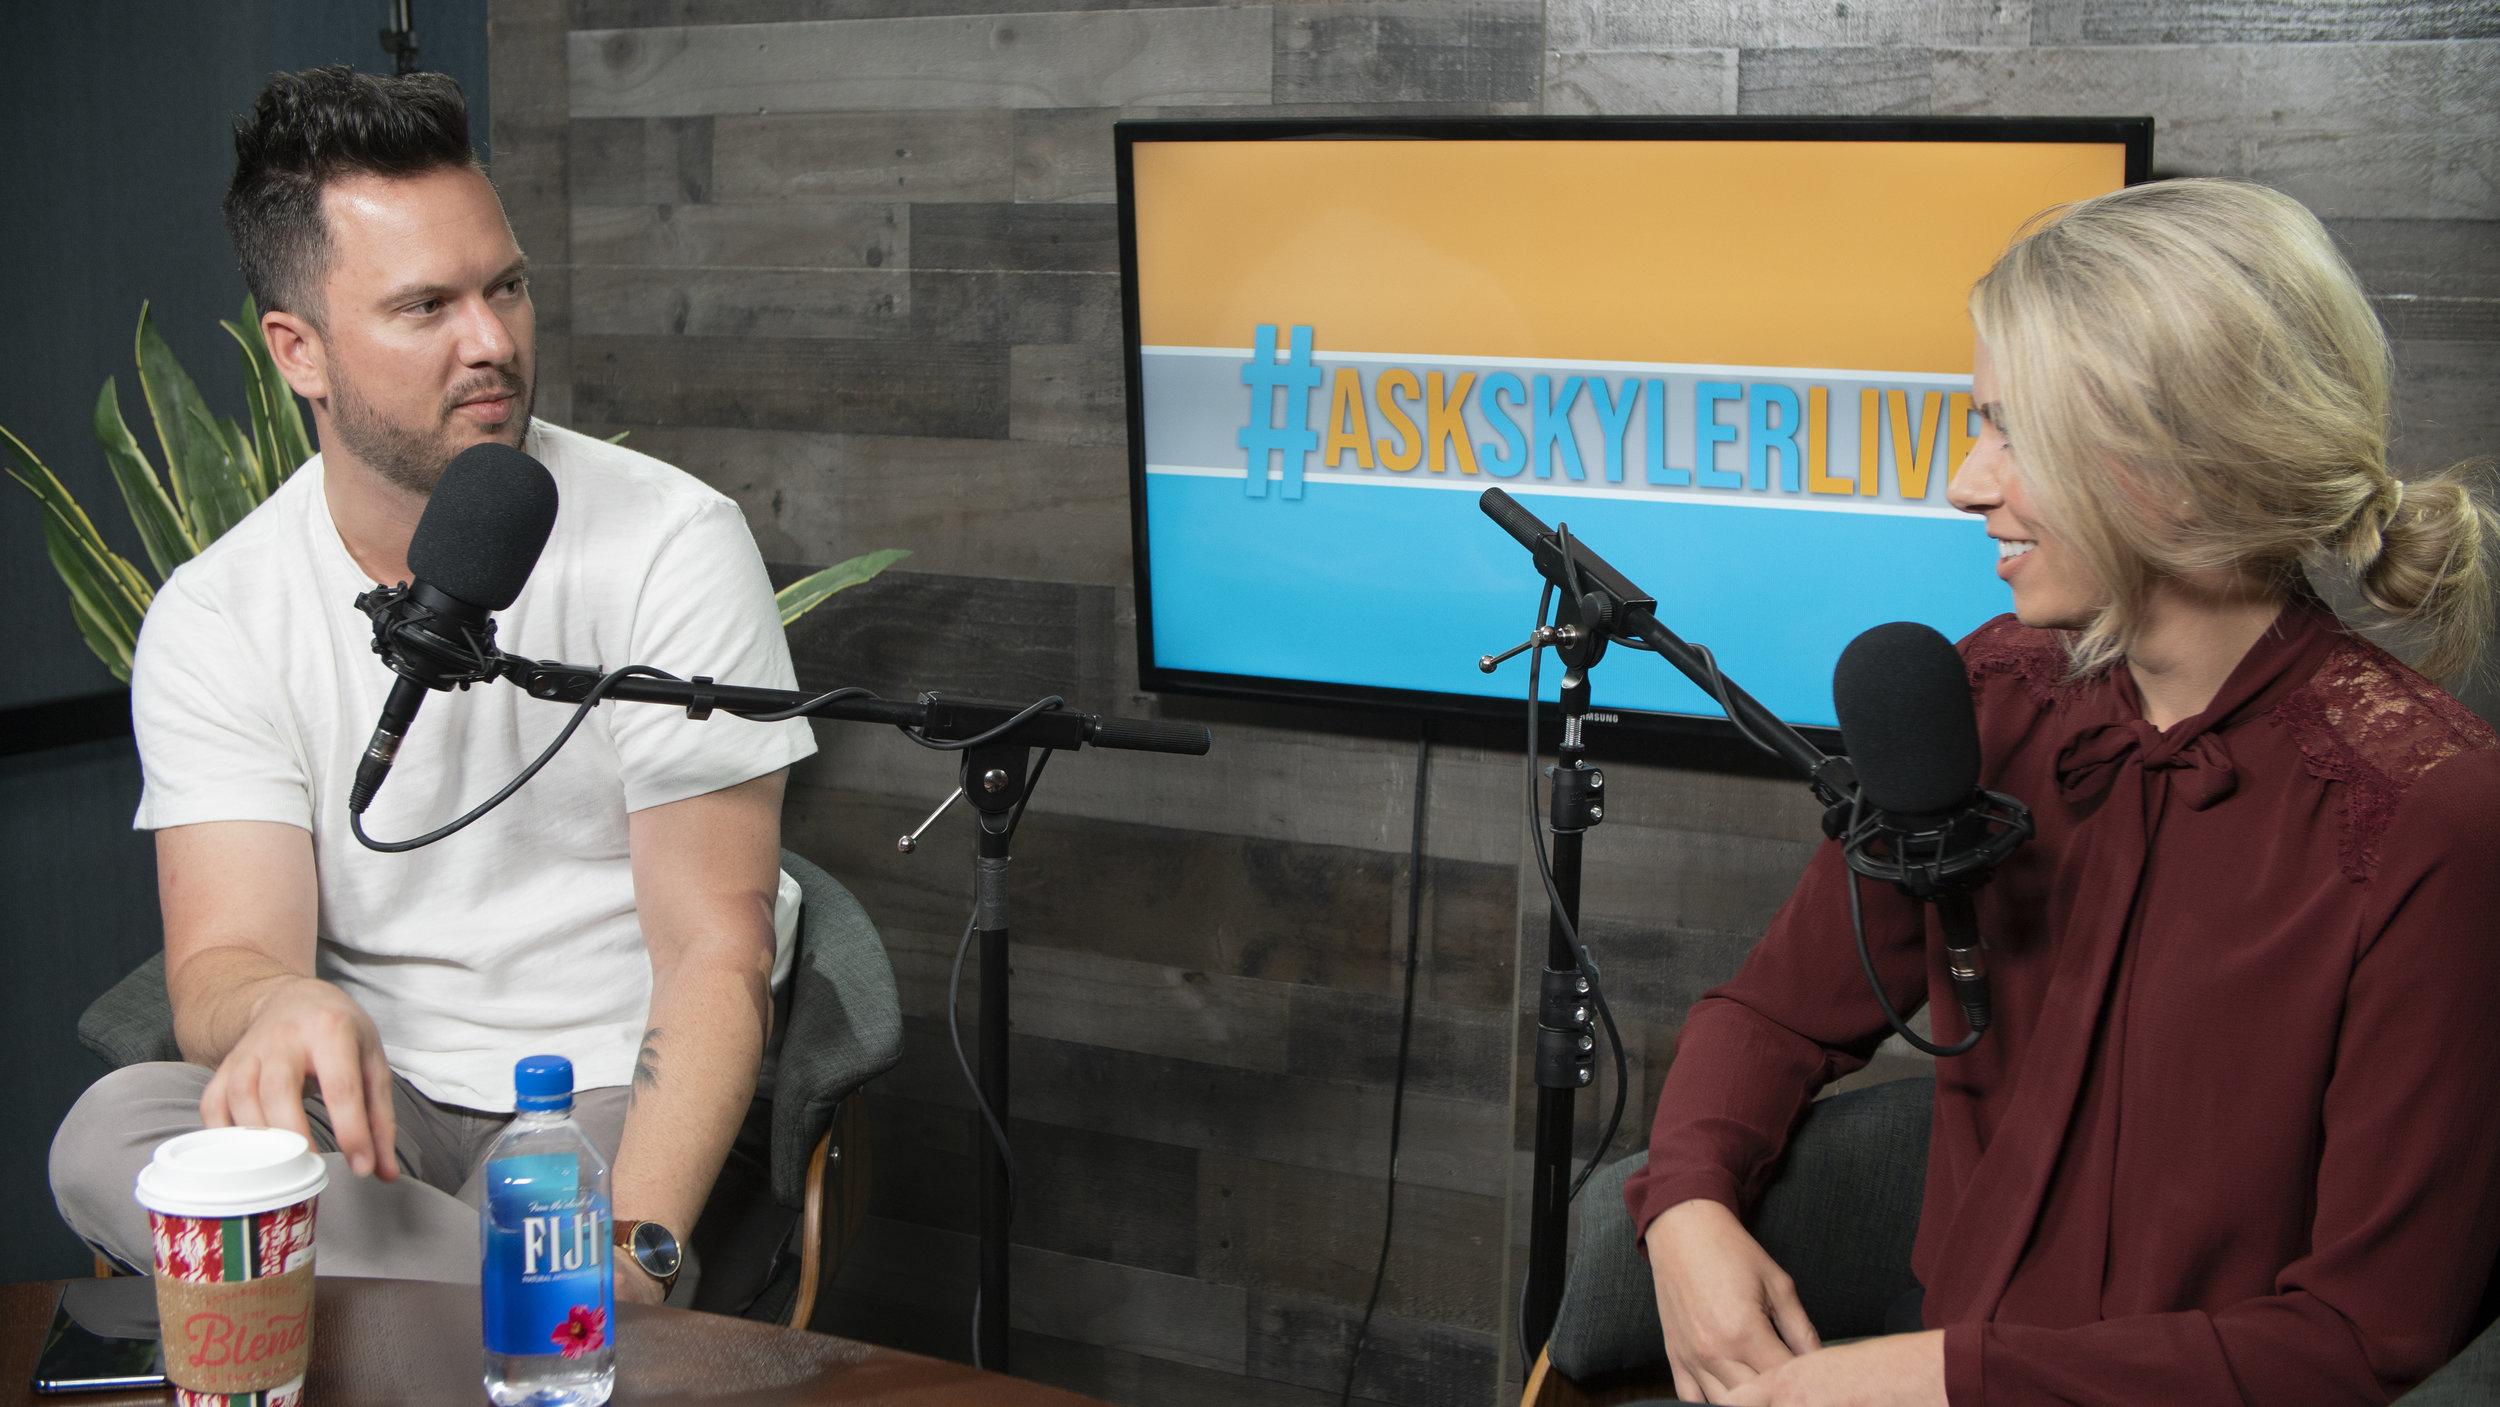 #AskSkylerLive TV Example.jpg